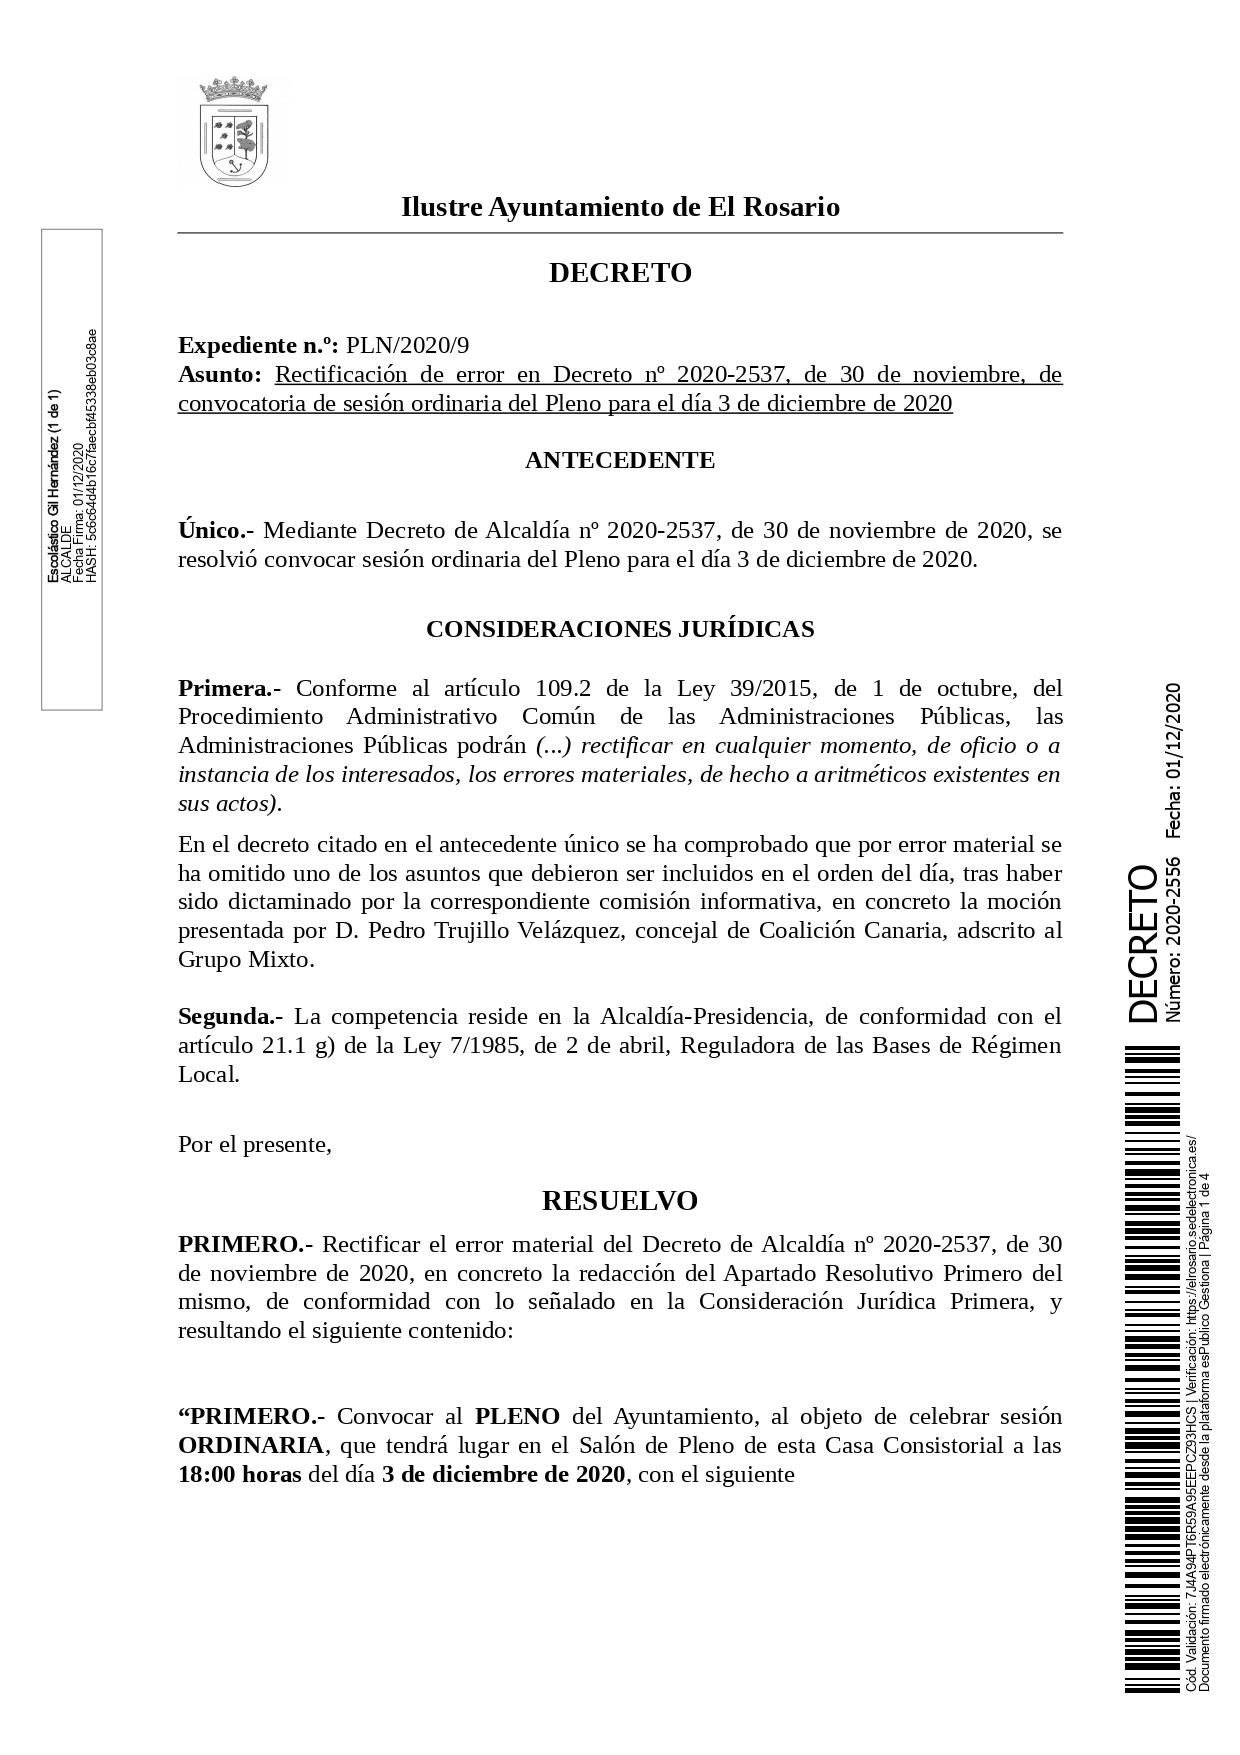 20201201_DECRETO 2020-2556 [Rectificacion error Decreto 2020-2537]_page-0001